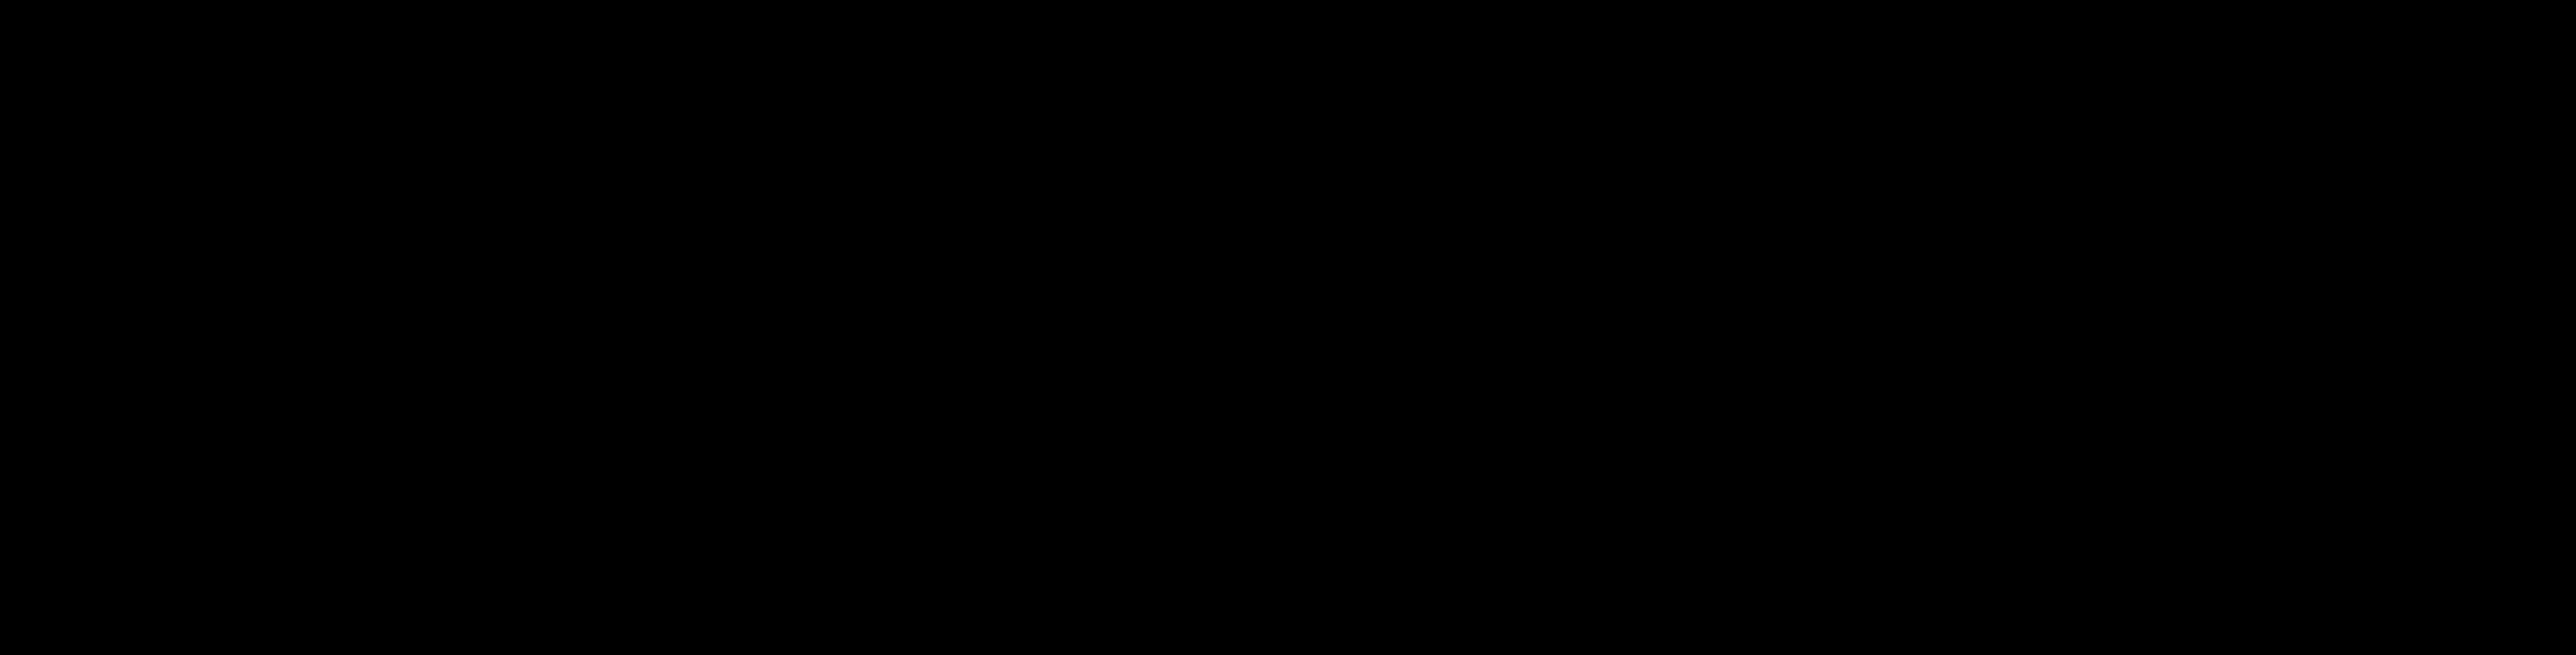 Energizer - Logos Download